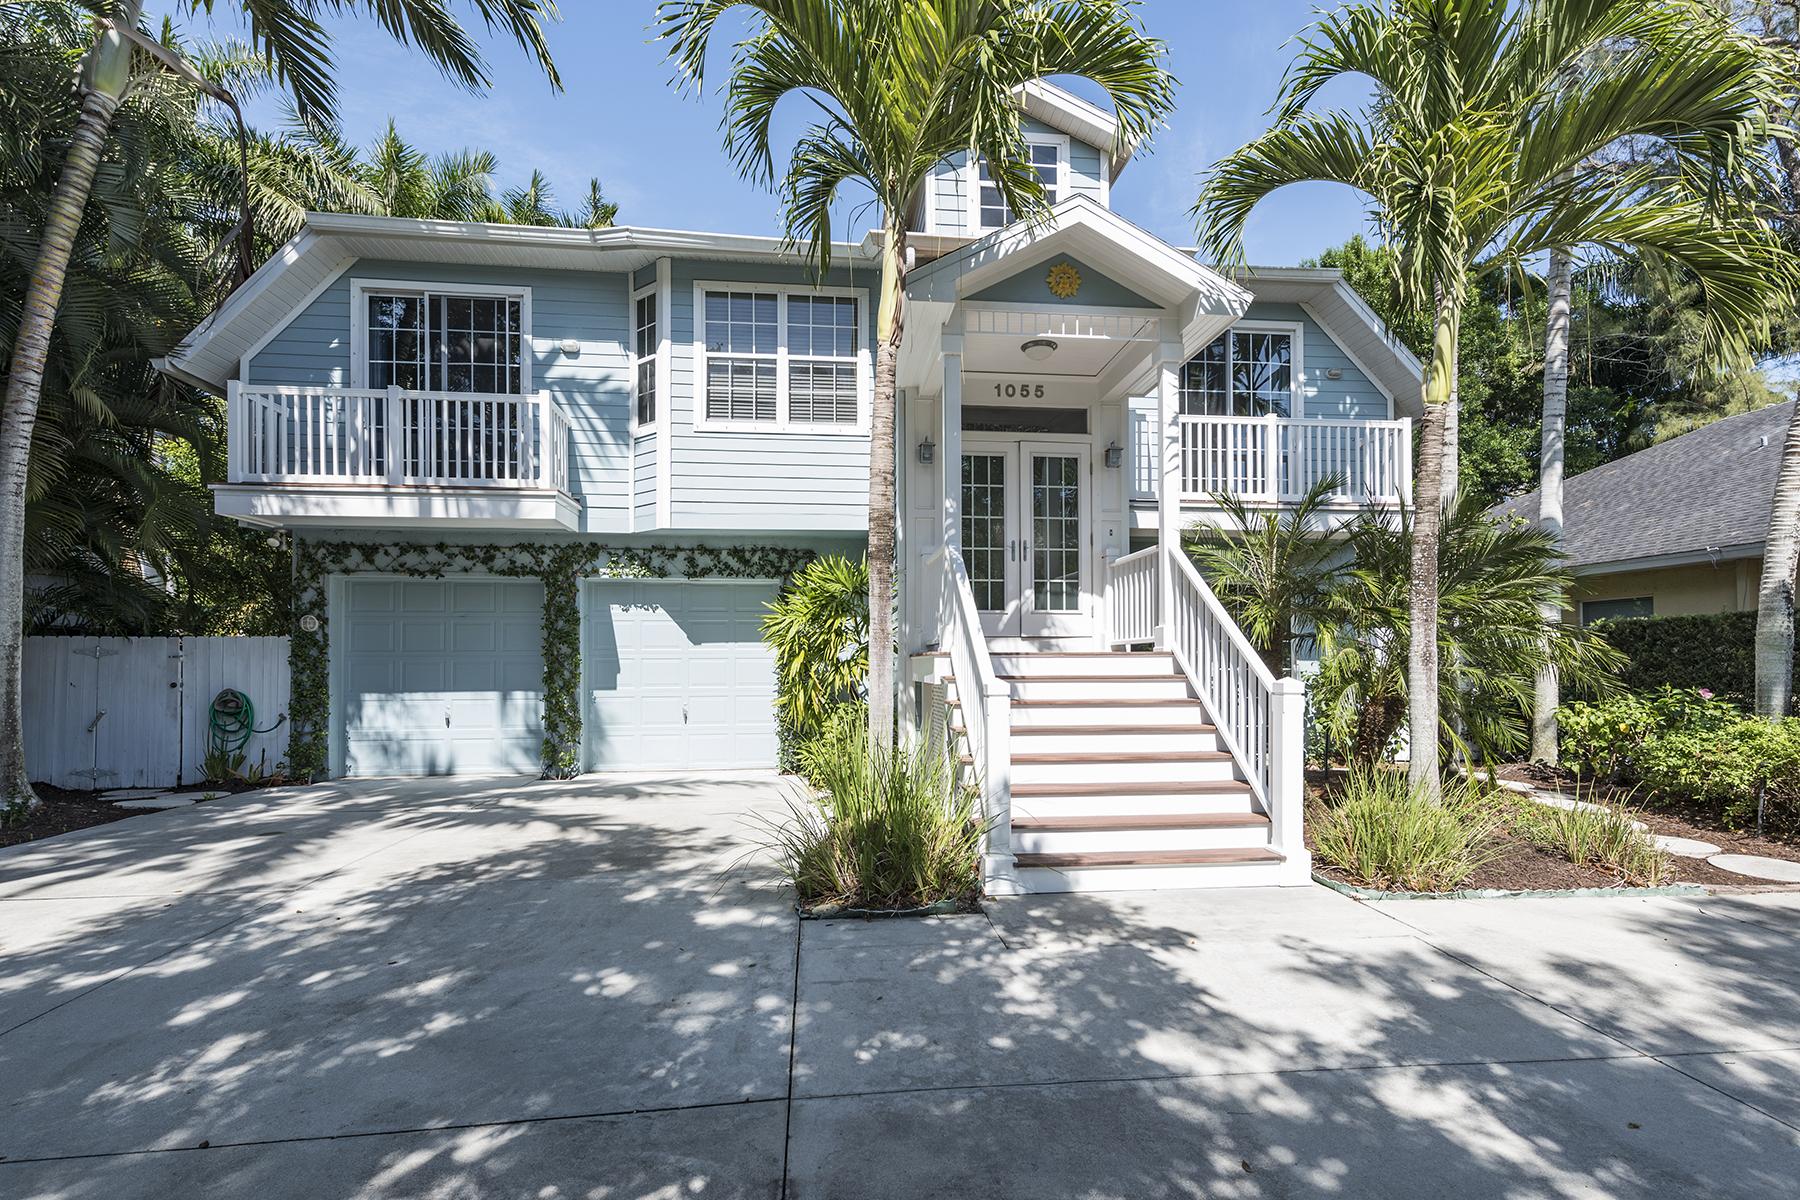 Maison unifamiliale pour l Vente à NAPLES TERRACE 1055 Diana Ave Naples, Florida, 34103 États-Unis